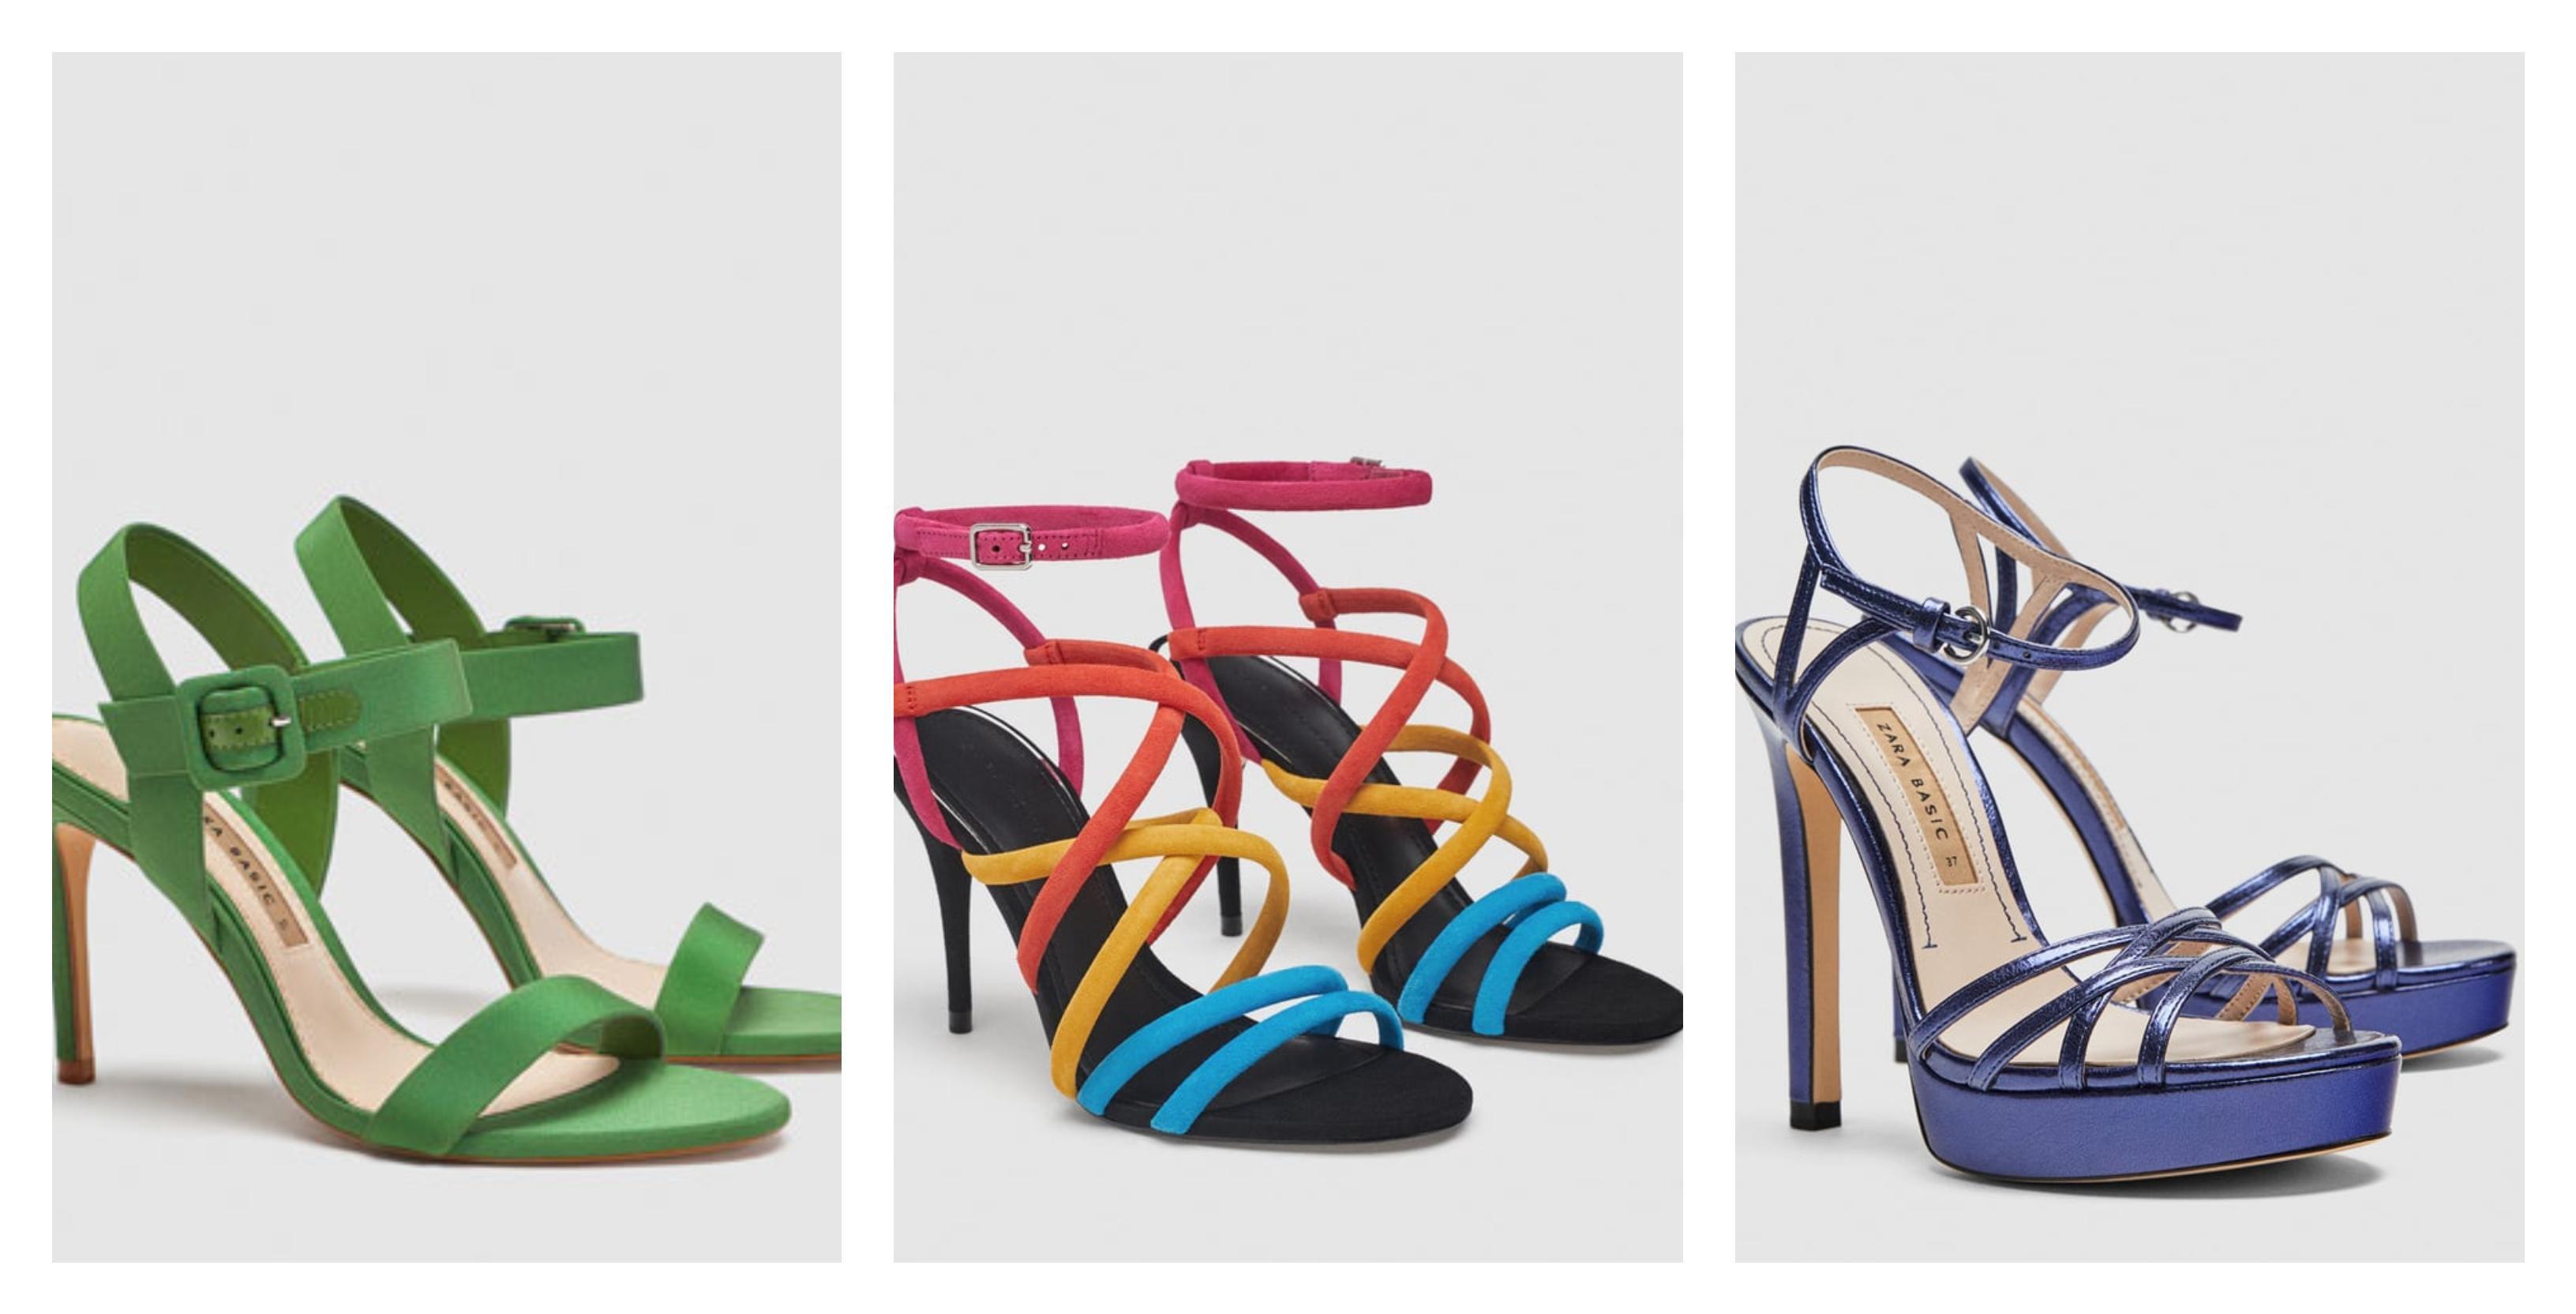 Nema ljeta bez vrtoglavo visokih sandala - izabrali smo najljepše!